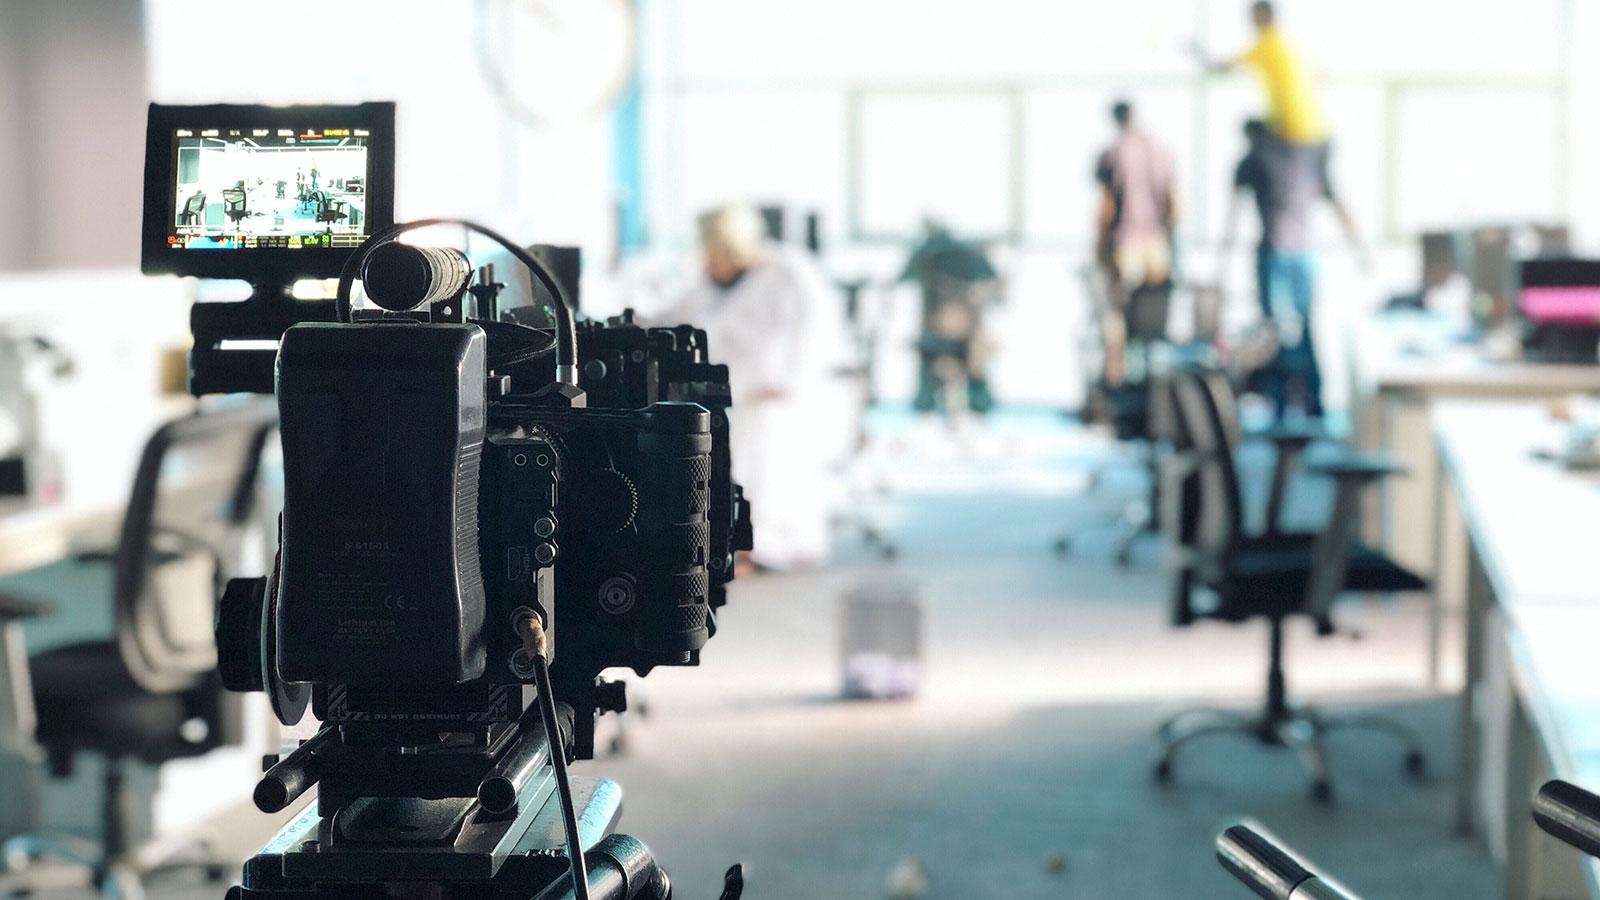 Conteudo em video por que investir na producao continuada de videos5 - Conteúdo em vídeo: por que investir na produção continuada de vídeos?